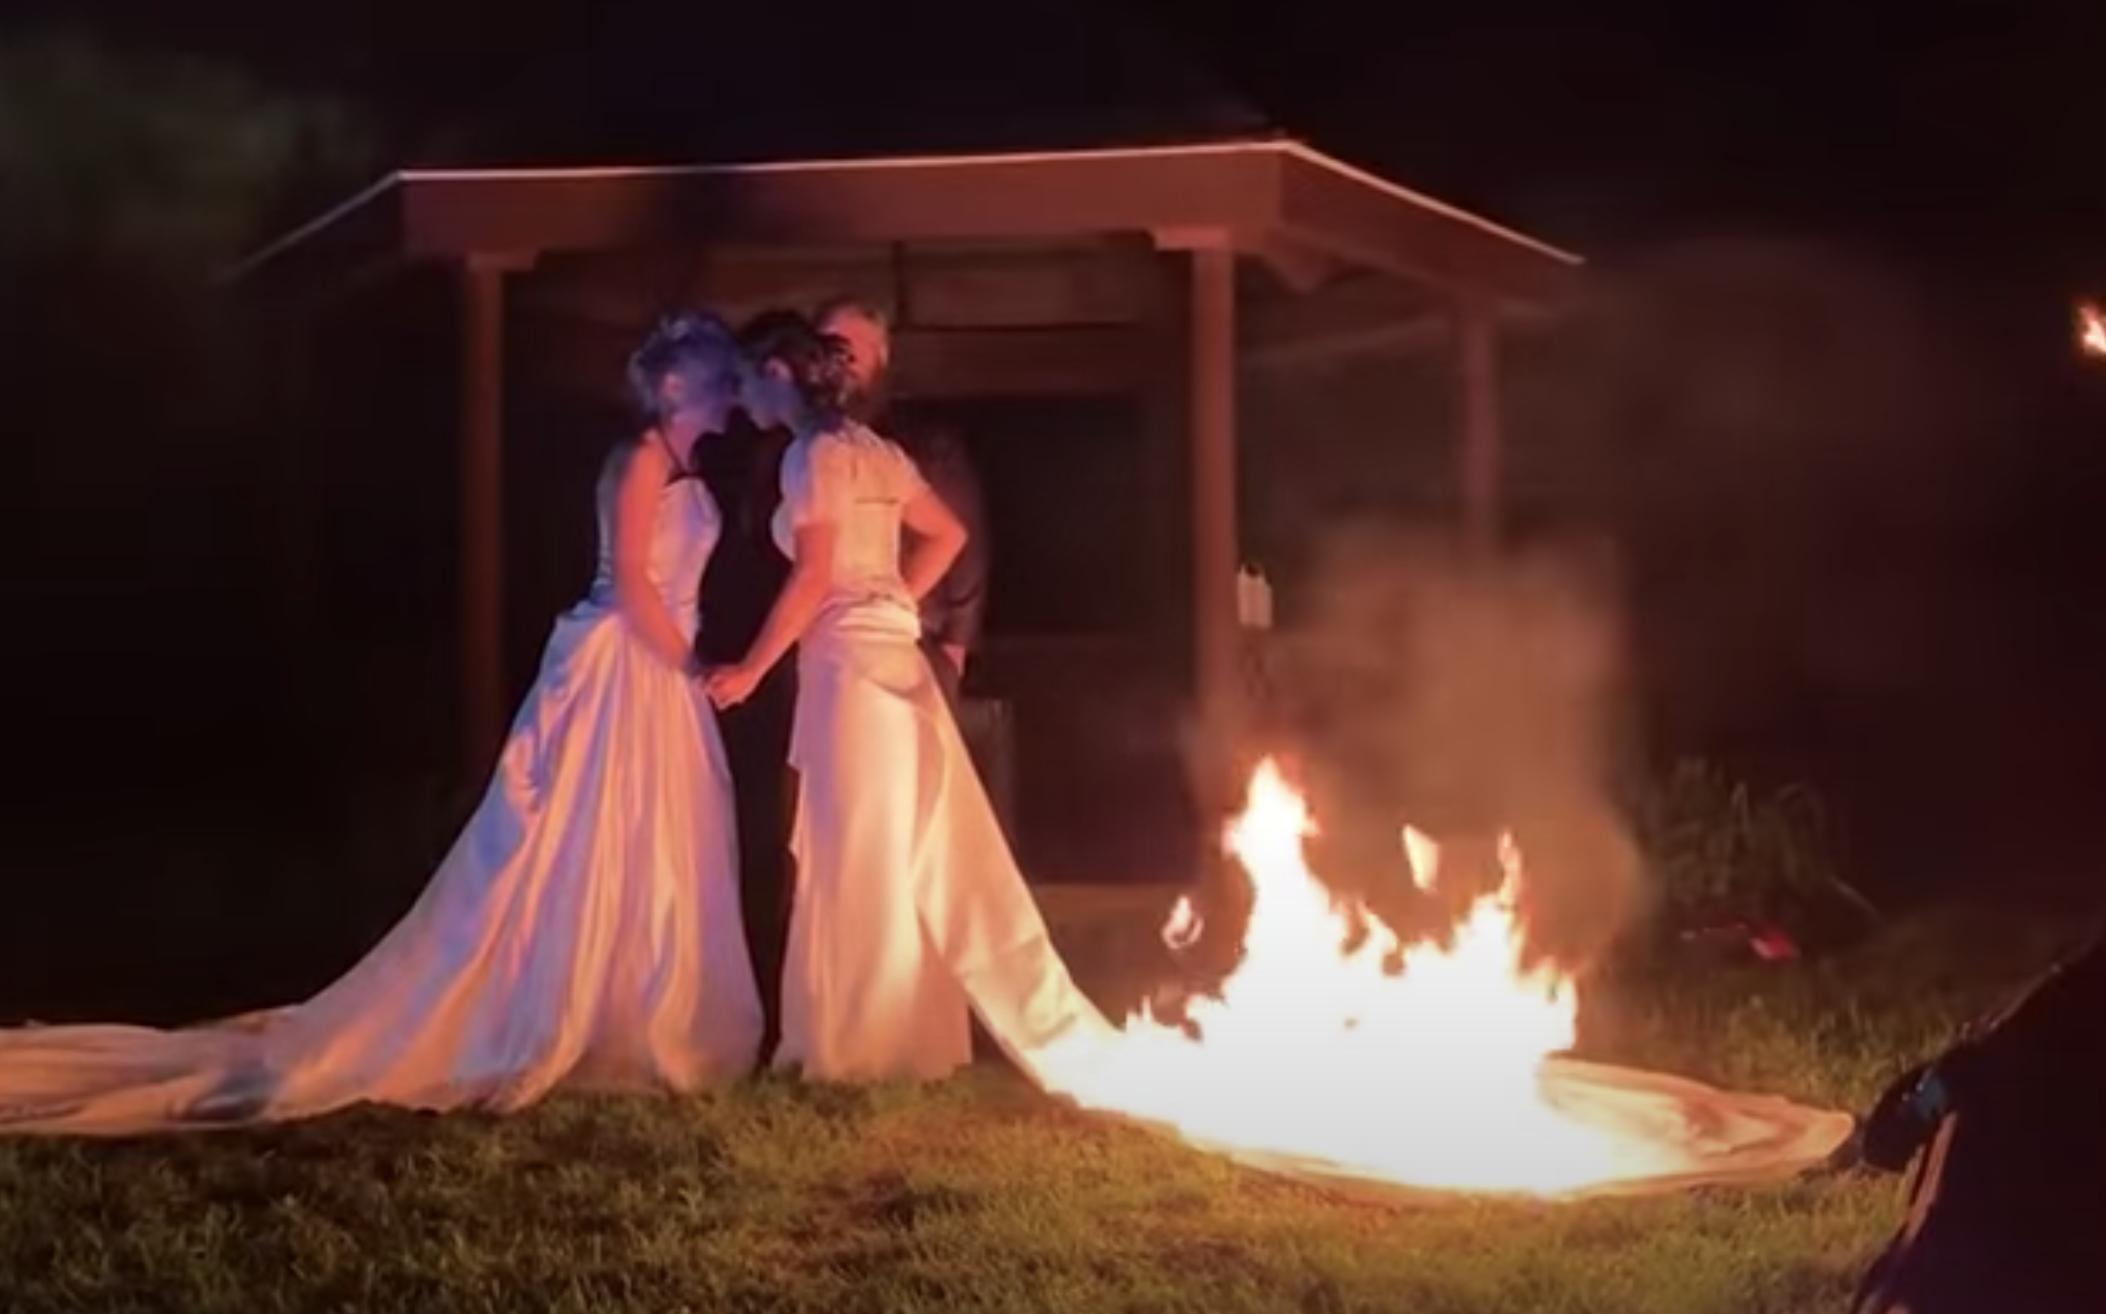 新娘;她的婚纱着火了